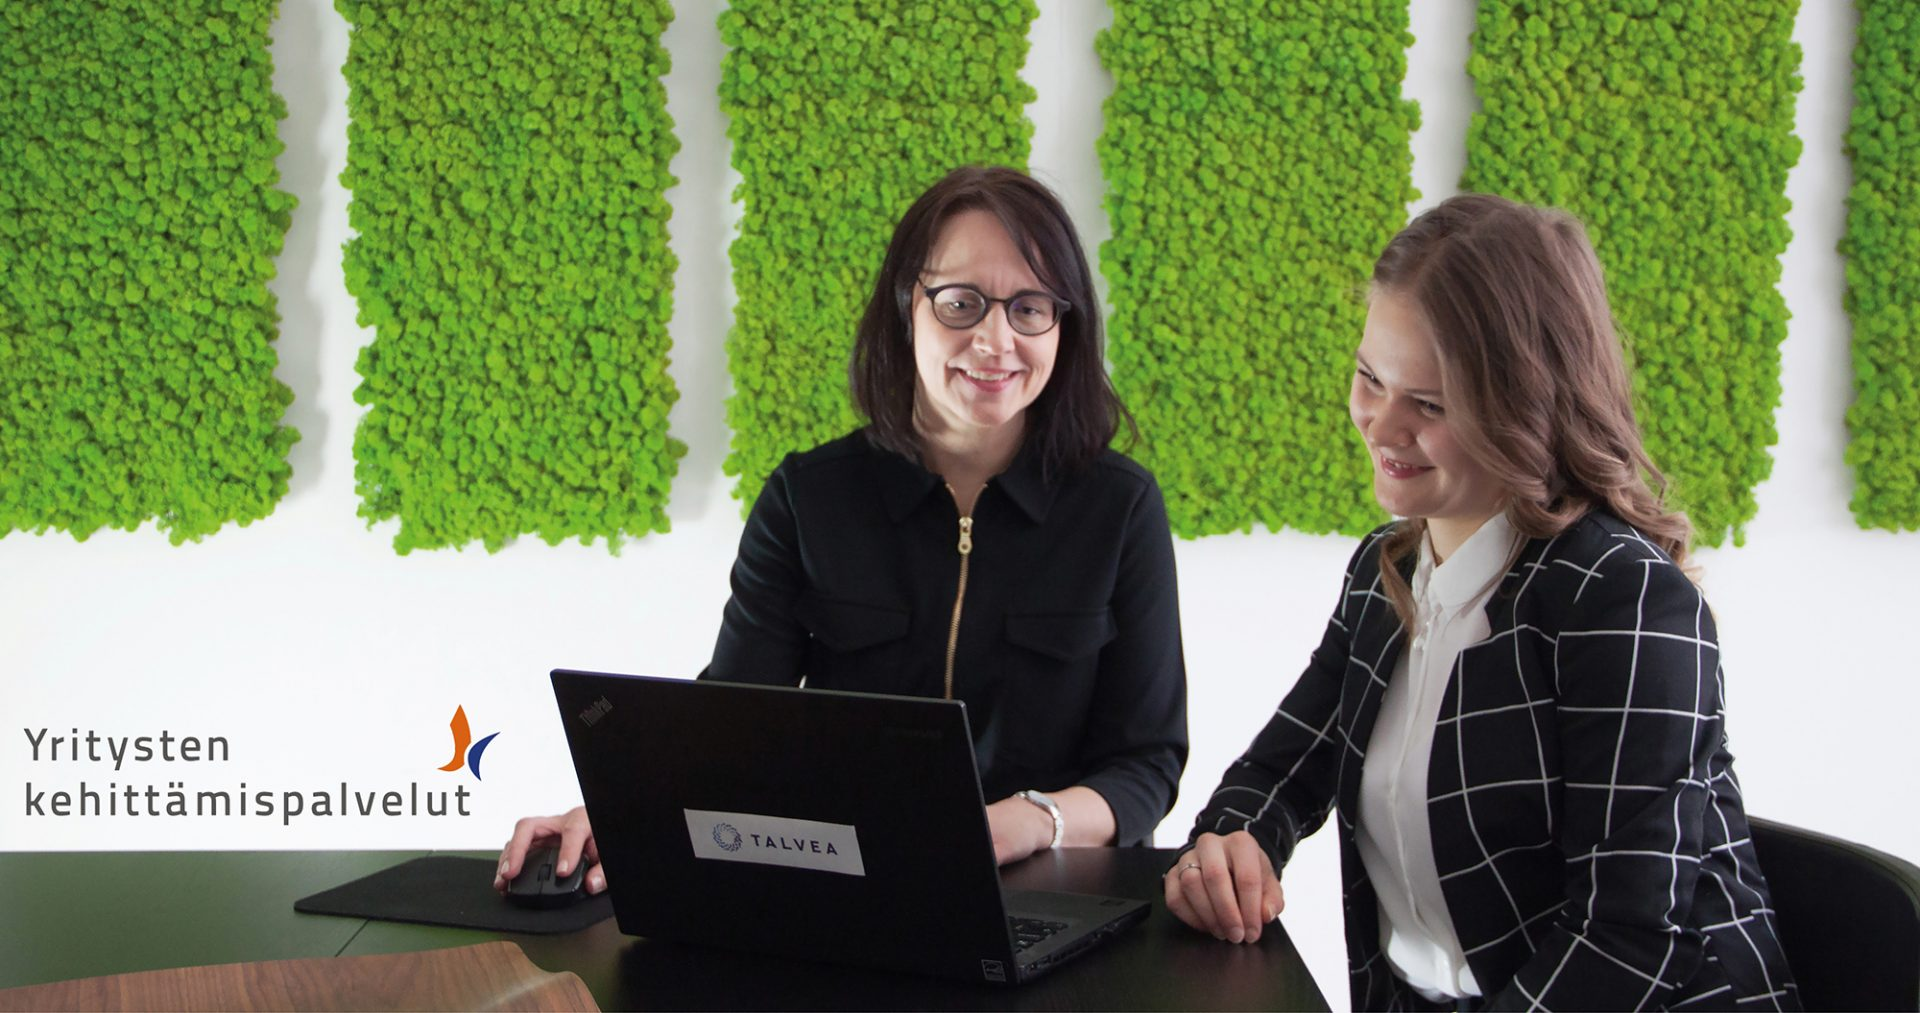 Yritysten kehittämispalvelut TALVEA Anne ja Annika